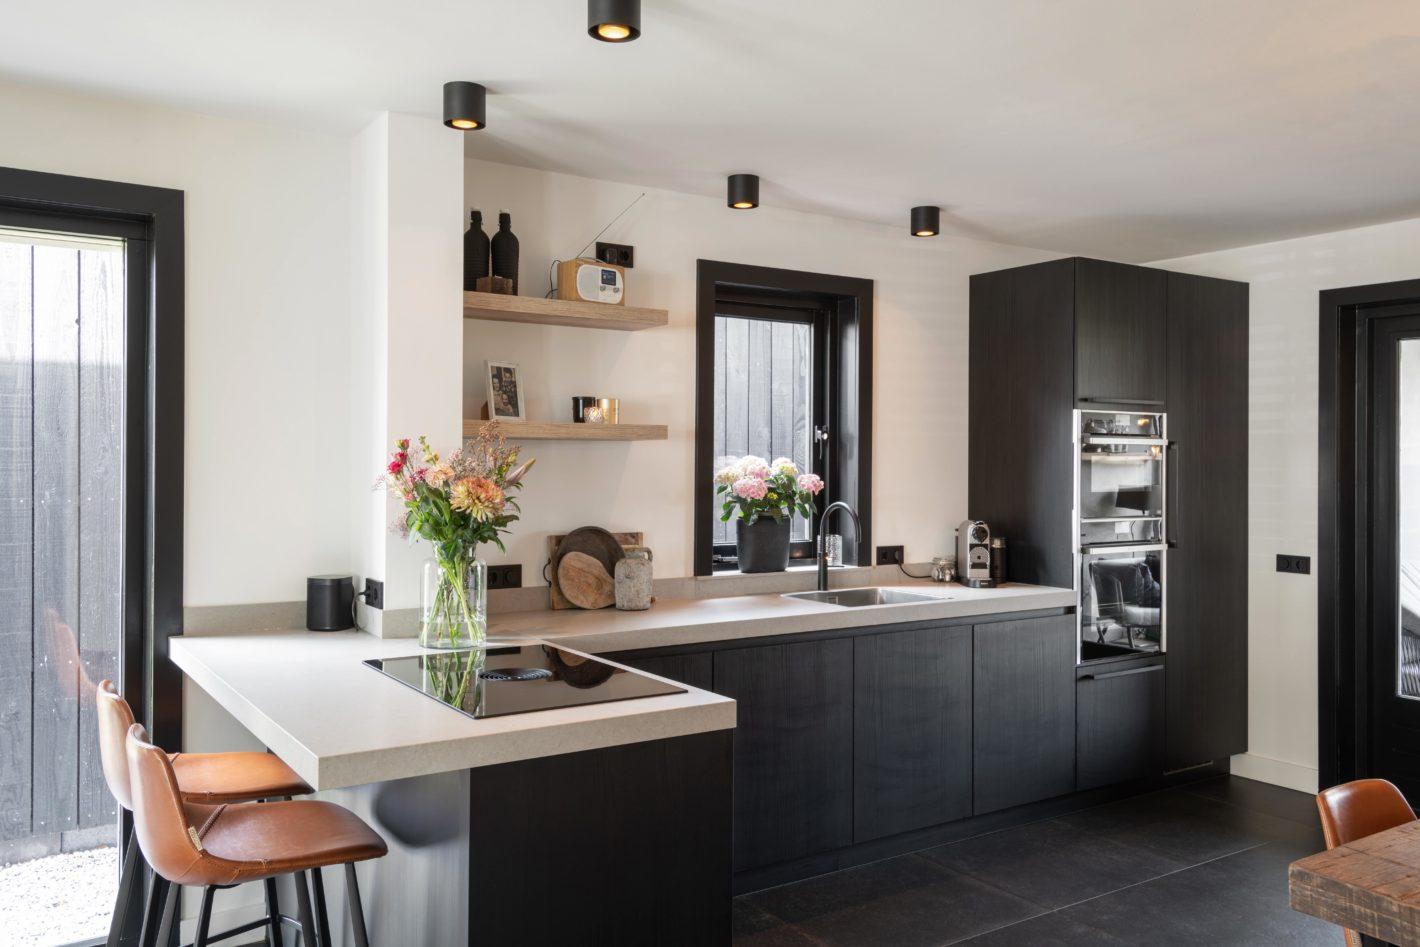 Moderne keuken met strakke uitvoering